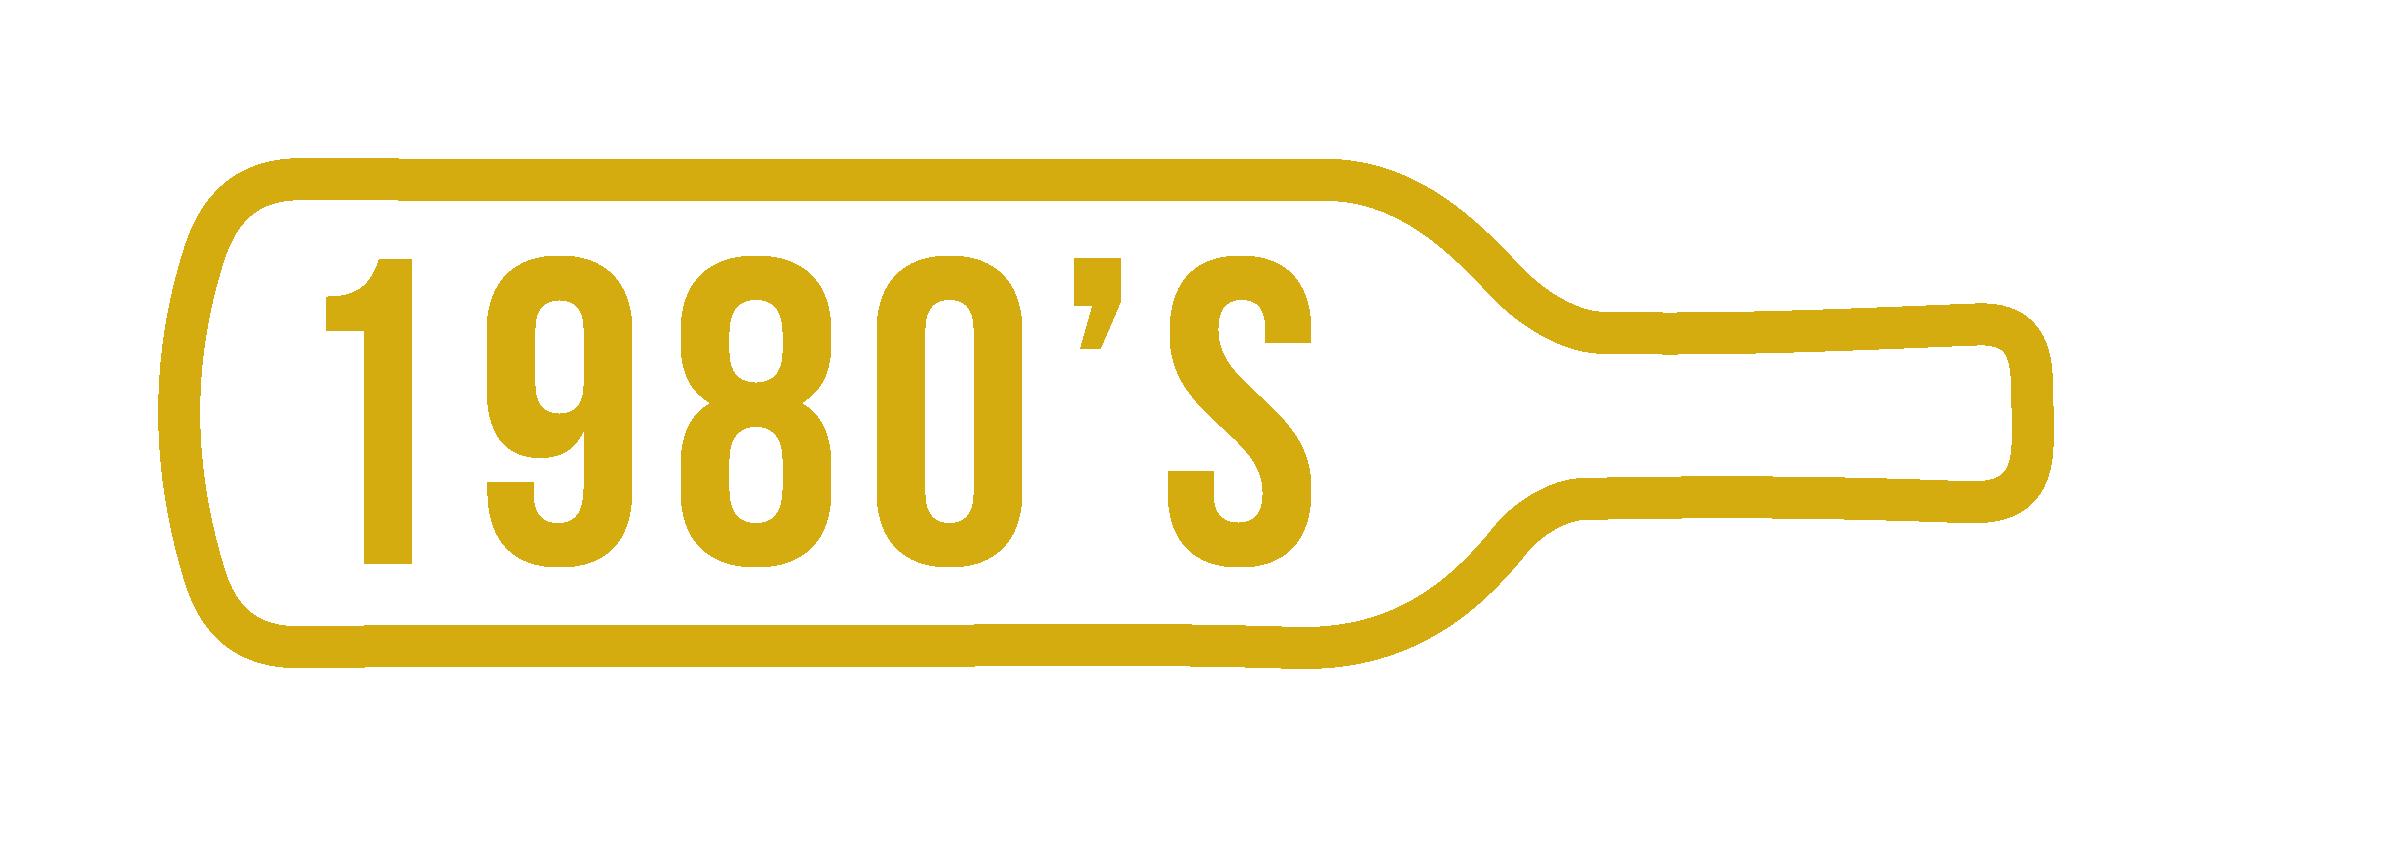 Créez vous-même votre coffret vin anniversaire millésime 1980 à 1989